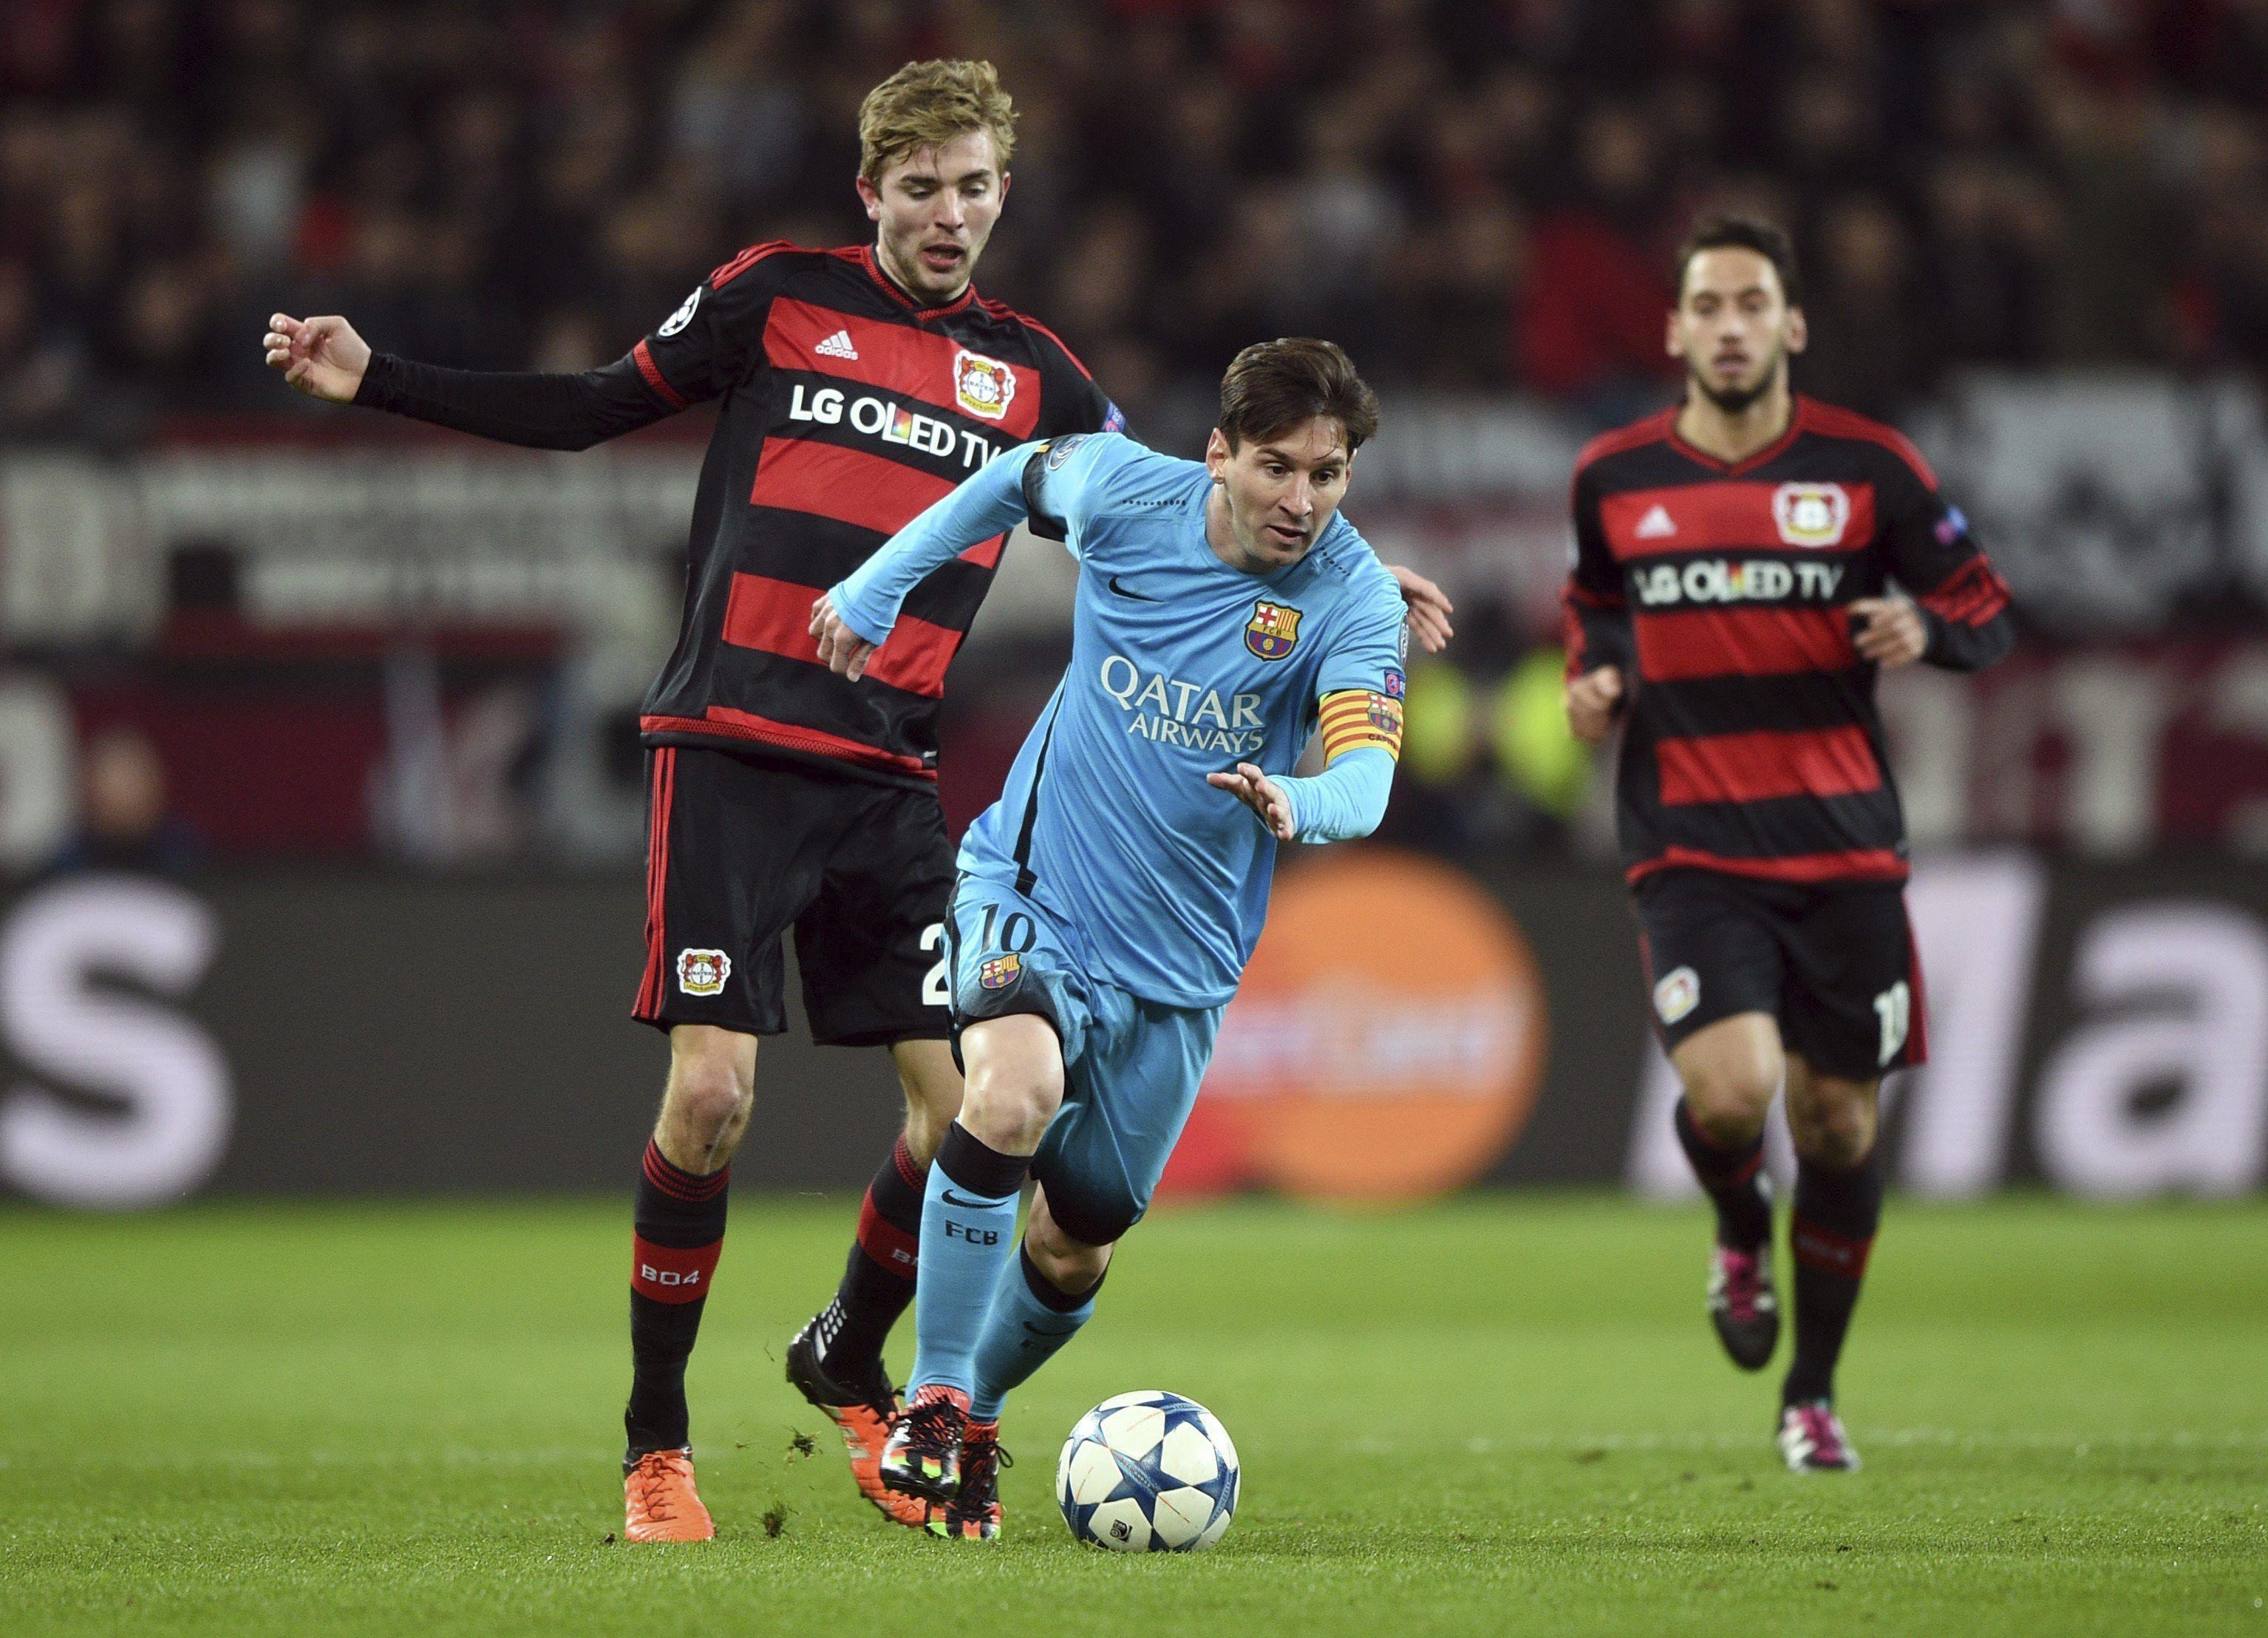 Con suplentes y un gol de Messi, el Barça igualó ante el Leverkusen en Alemania